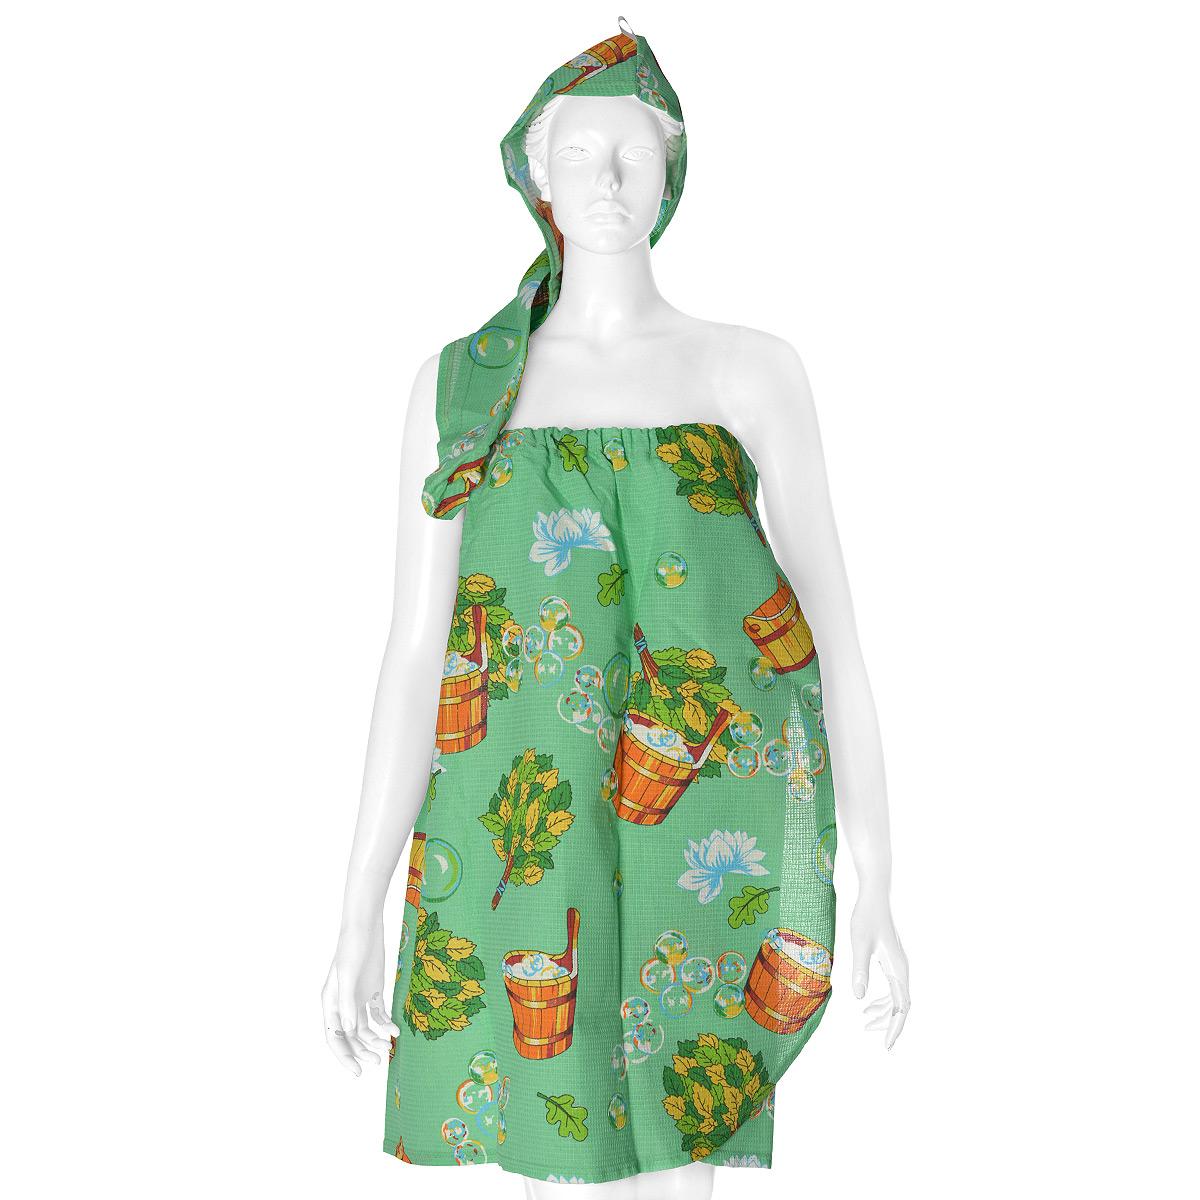 Комплект женский для бани и сауны Невский банщик, цвет: зеленый, 2 предметаБН26